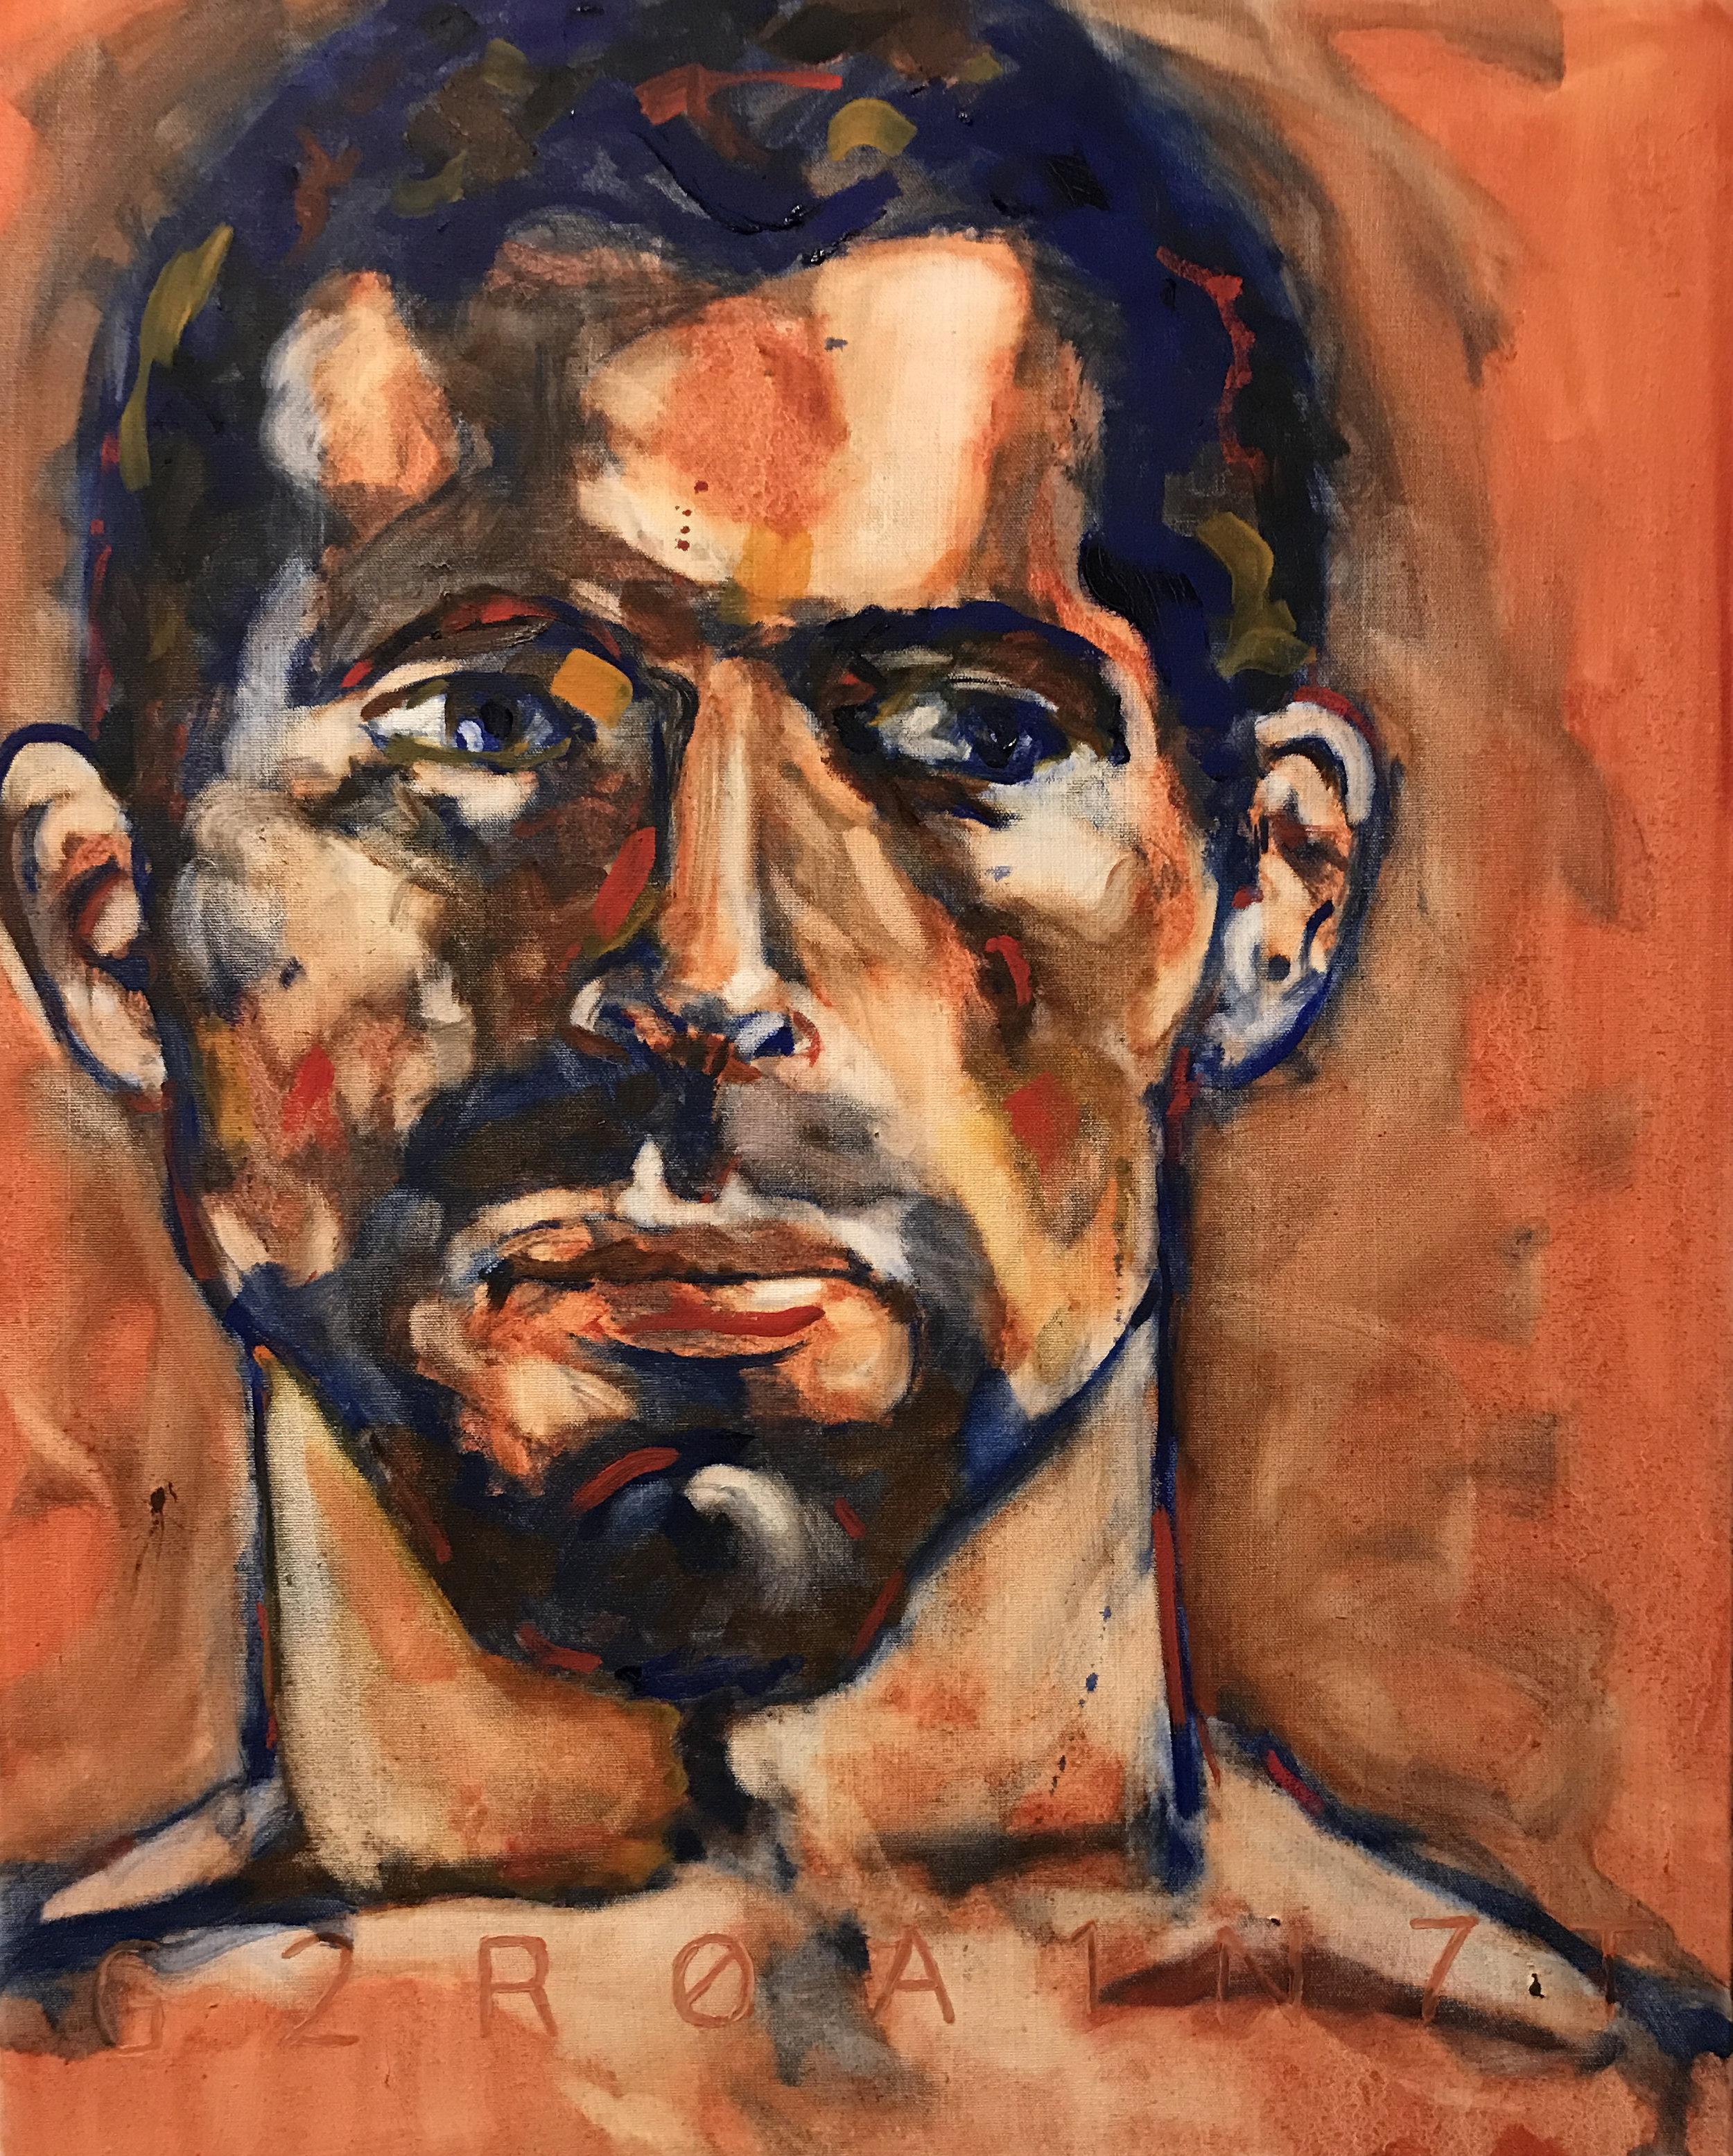 Christian Oil on Canvas 24x30  $1200